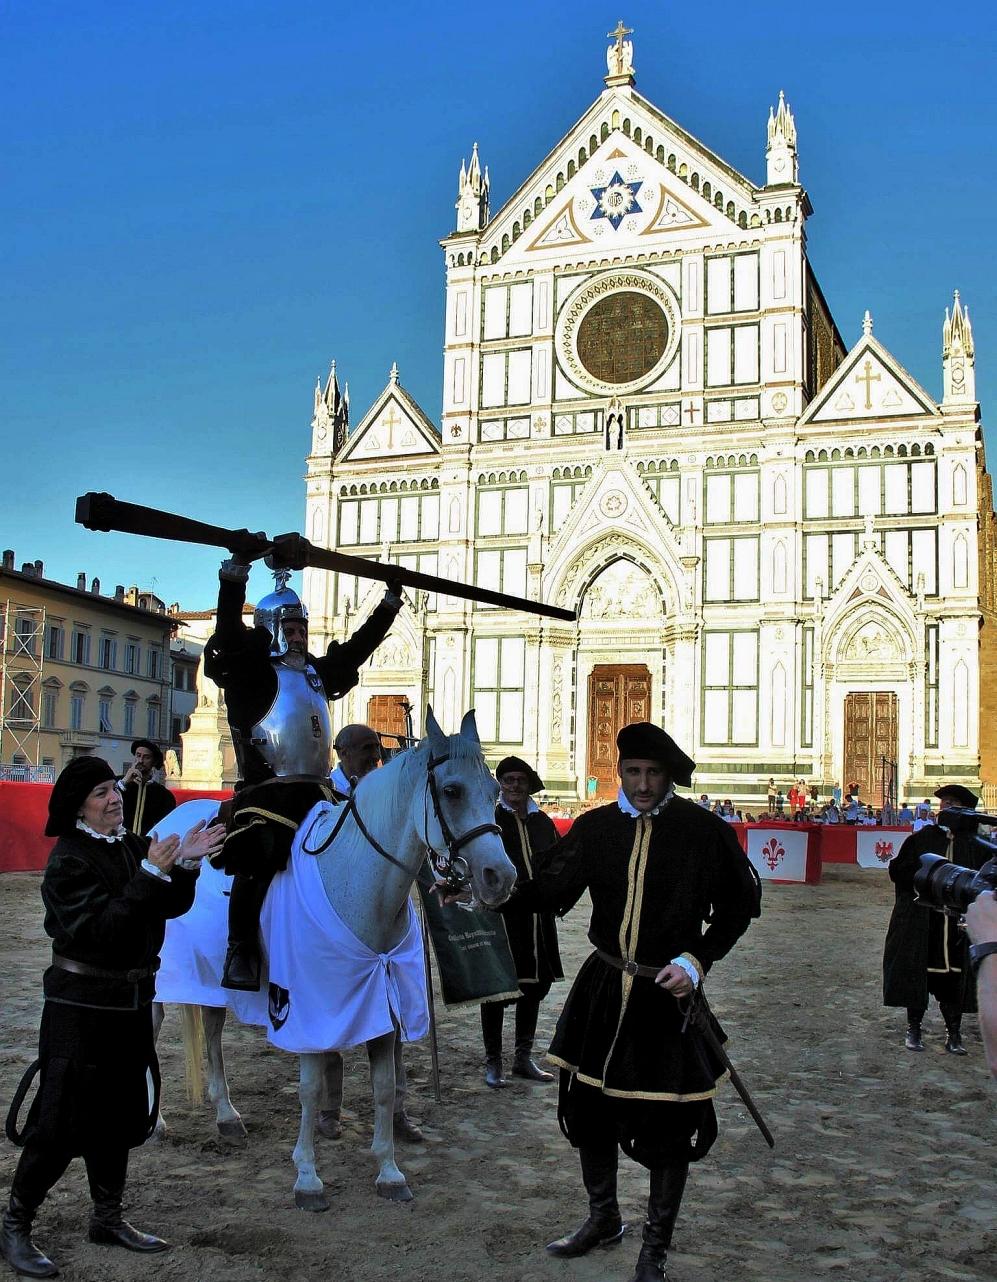 Parte Guelfa Giostra del Giglio 2017 il capitano di Santo Spirito Gandolfo Ventimiglia alza la lancia guelfa in Piazza Santa Croce